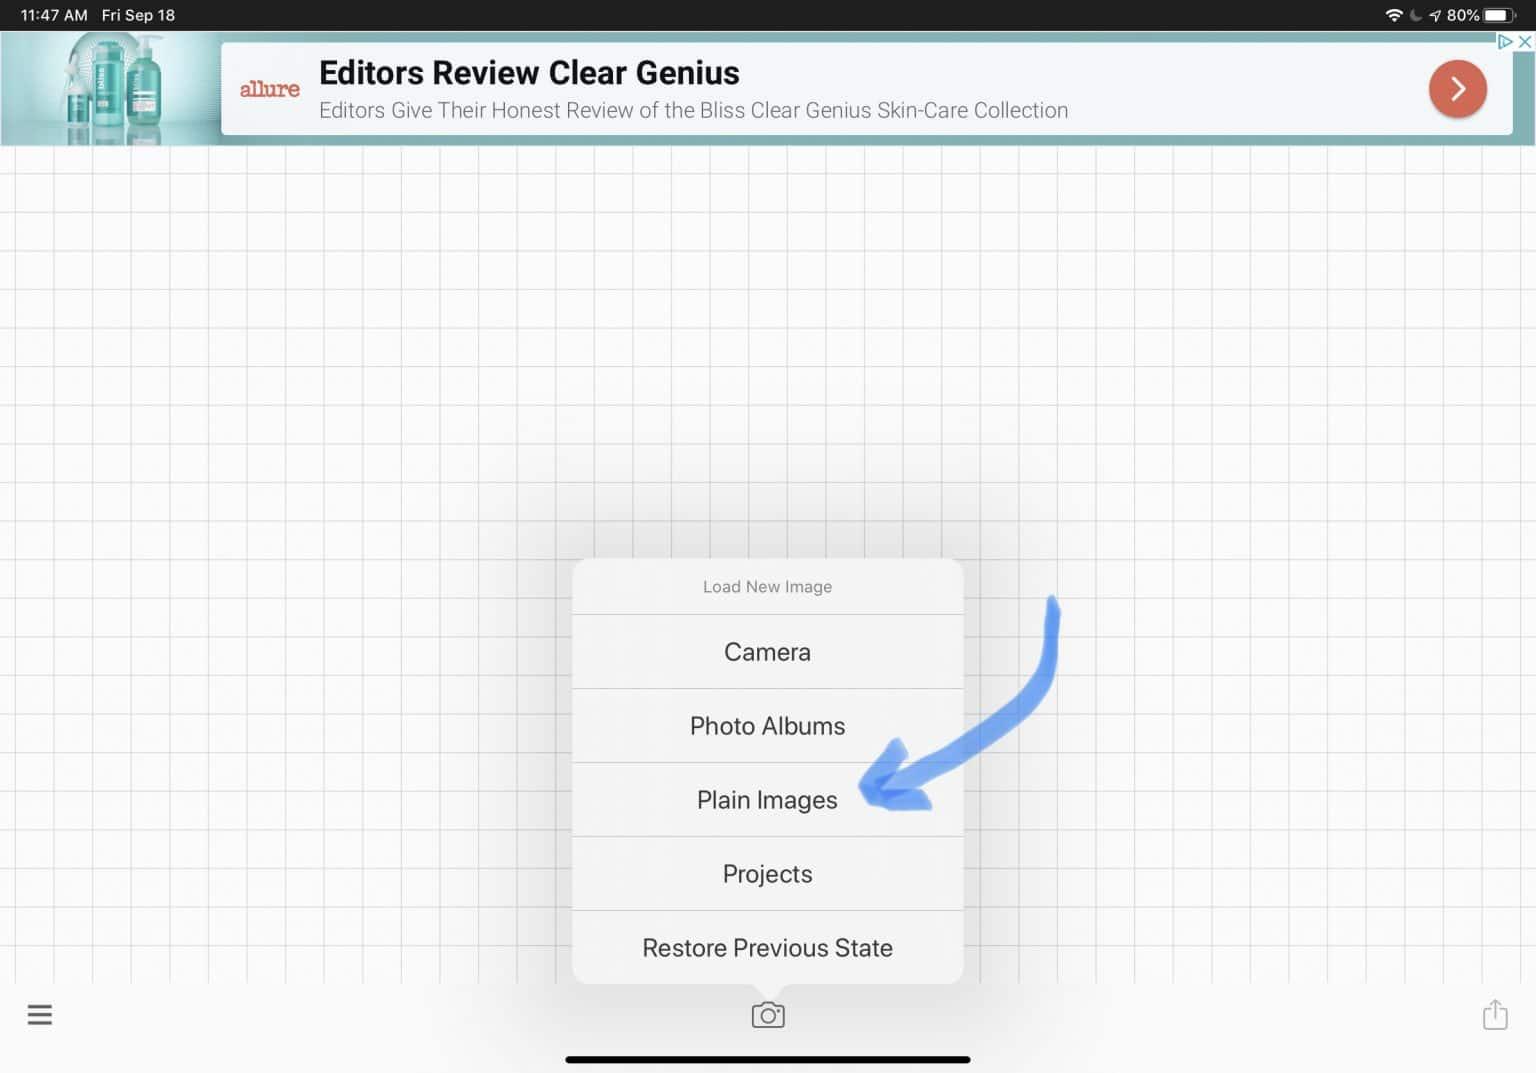 select plain images